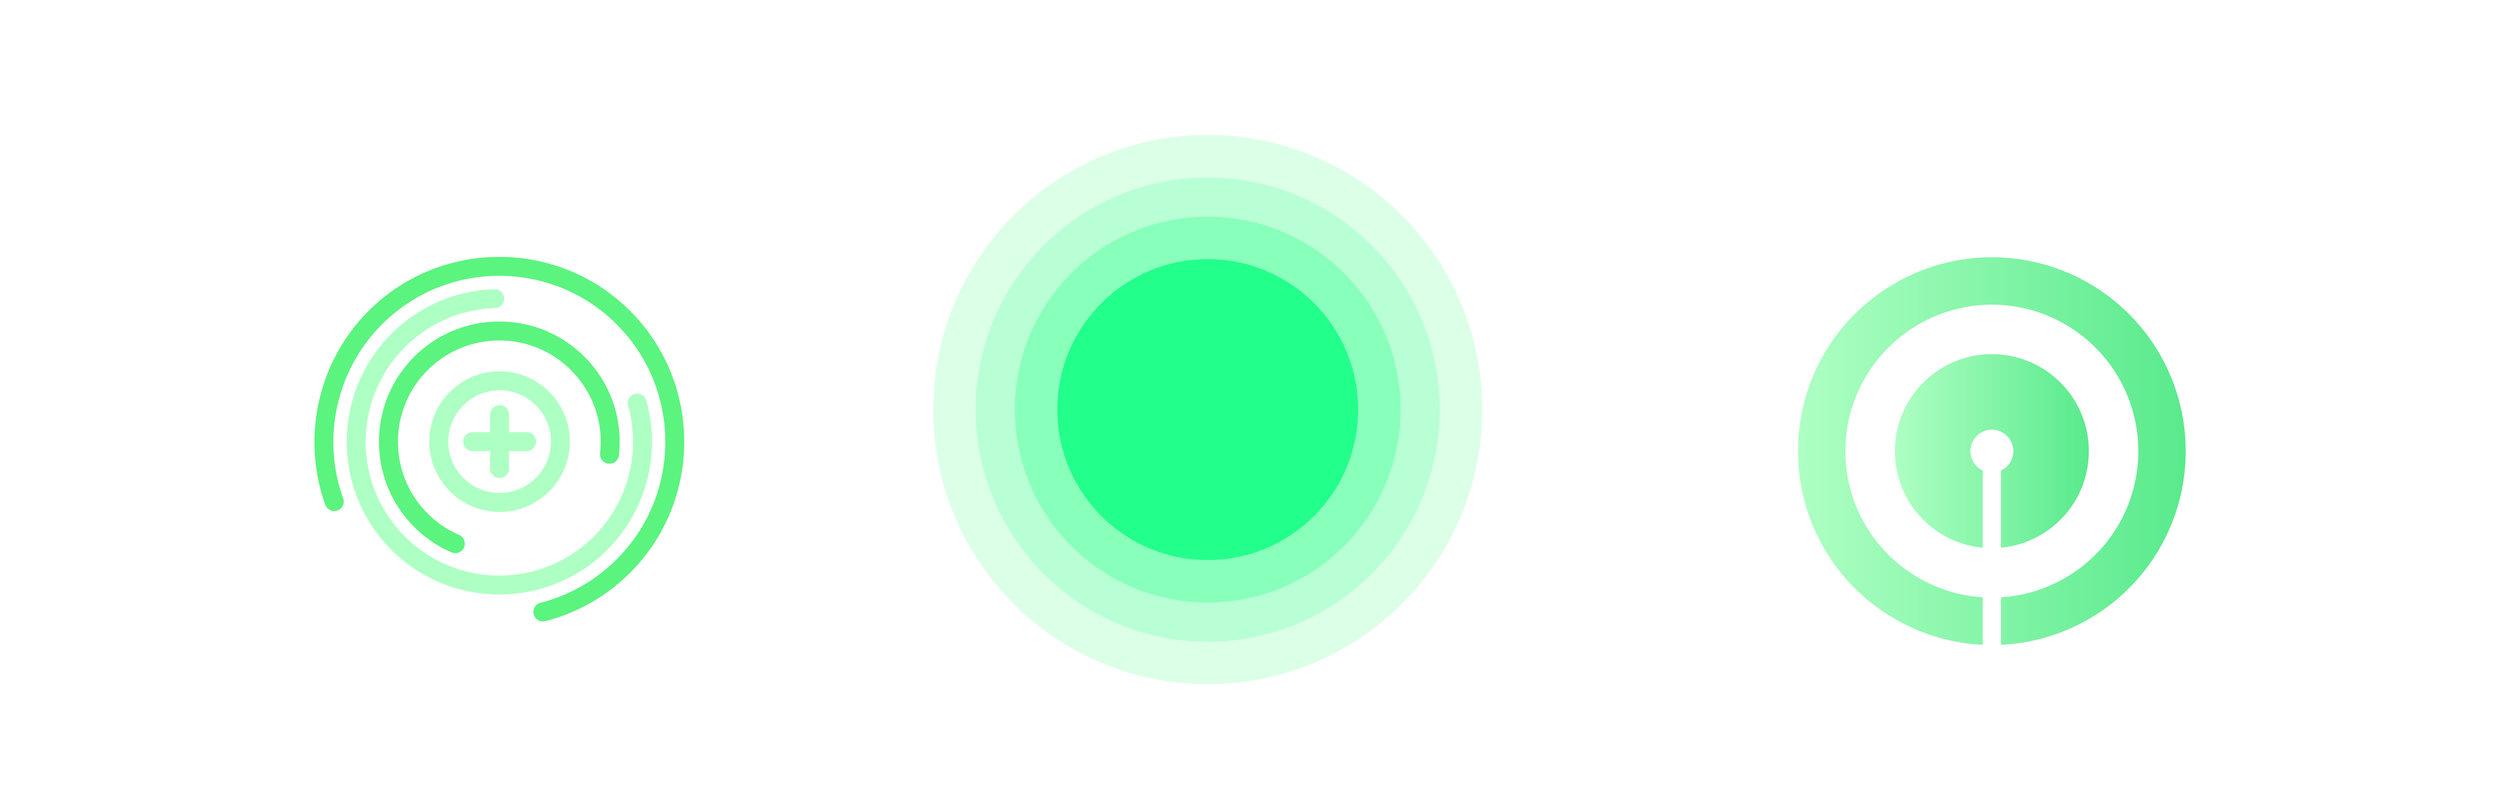 DetoxEnergy_Logo-04.jpg